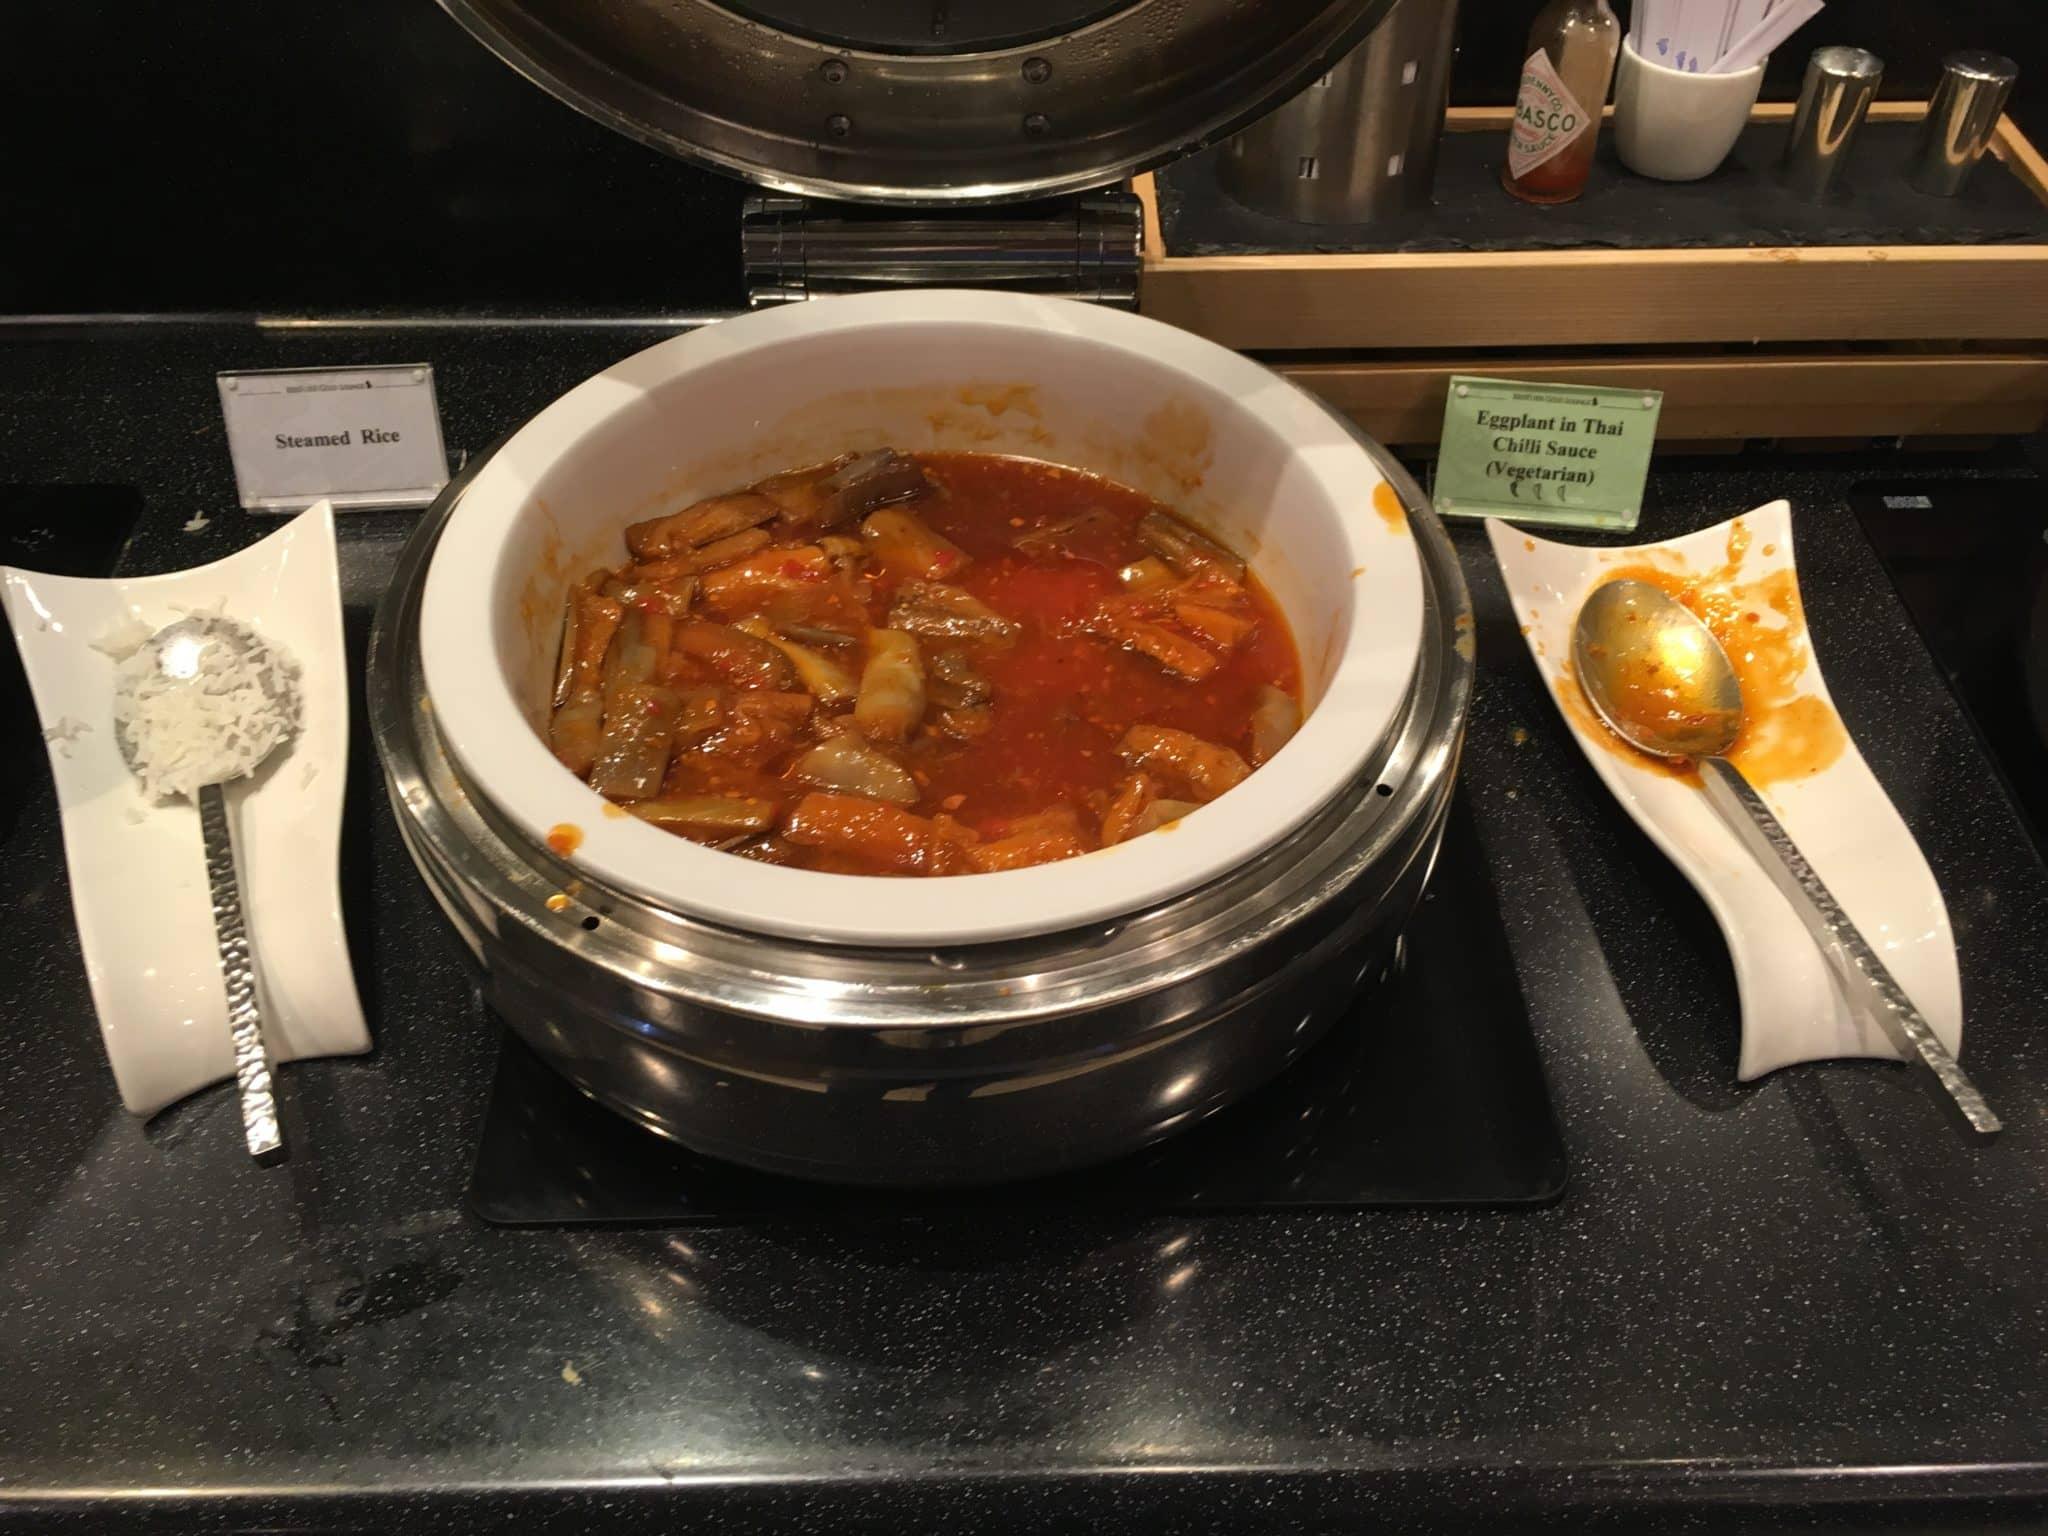 KrisFlyer Gold Lounge Changi Airport Terminal 3 - Eggplant Thai